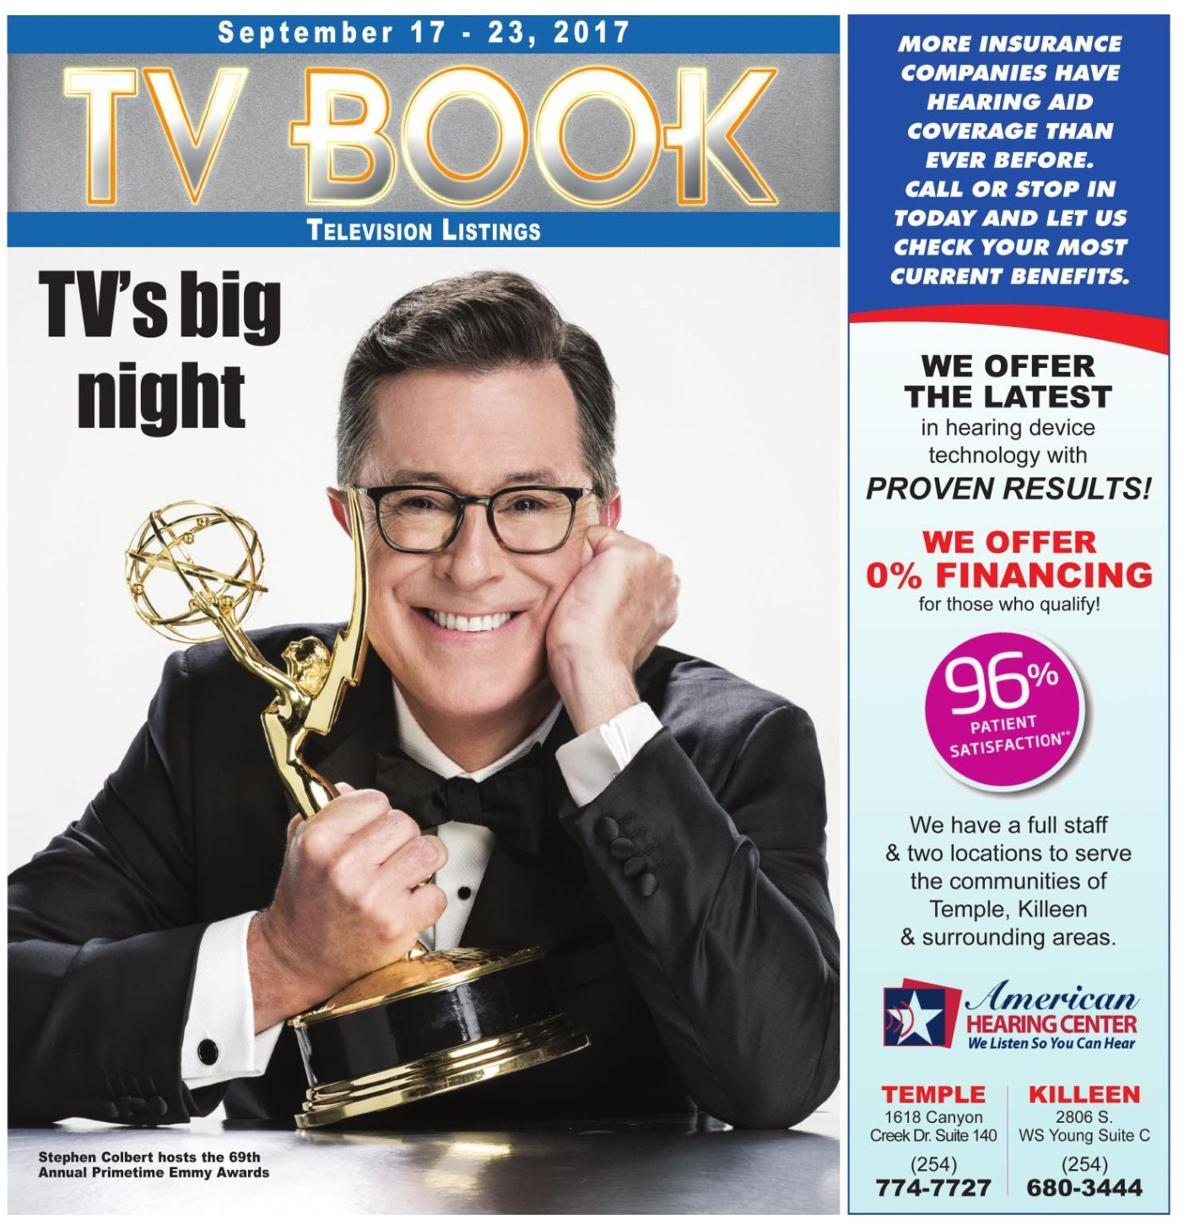 TV Book September 17th - 23rd